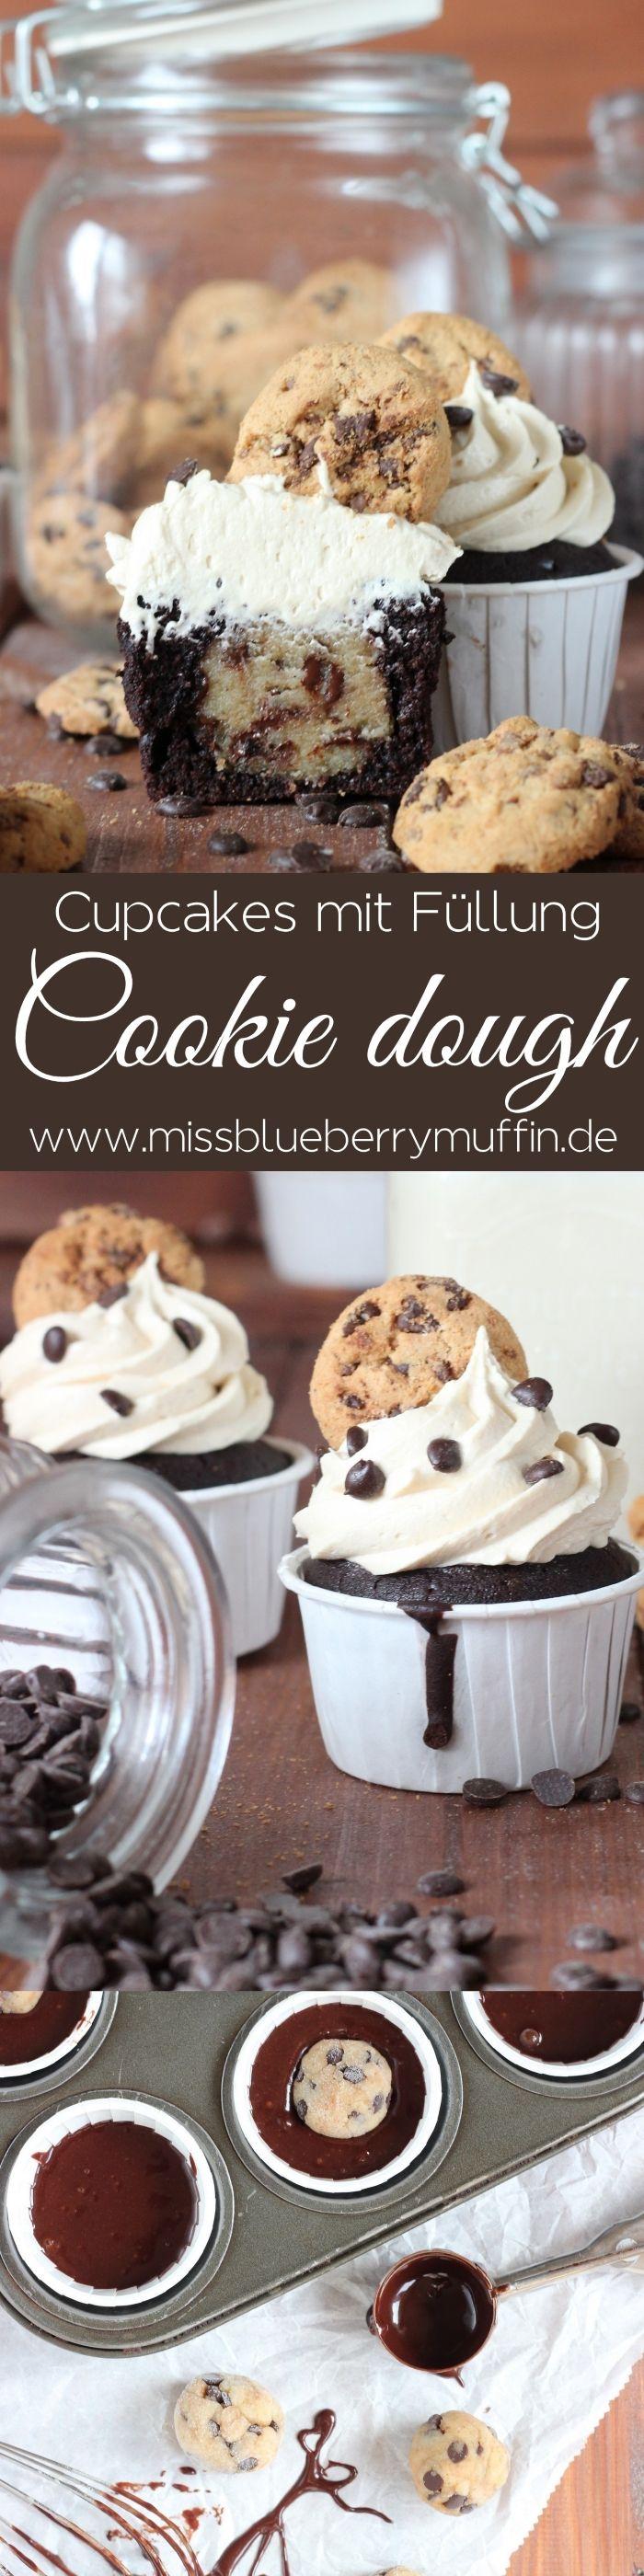 Köstliche Cupcakes mit einer Füllung aus Keksteig! ♥ // Das Beste für die gaaanze Familie!// Cookie dough Cupcakes